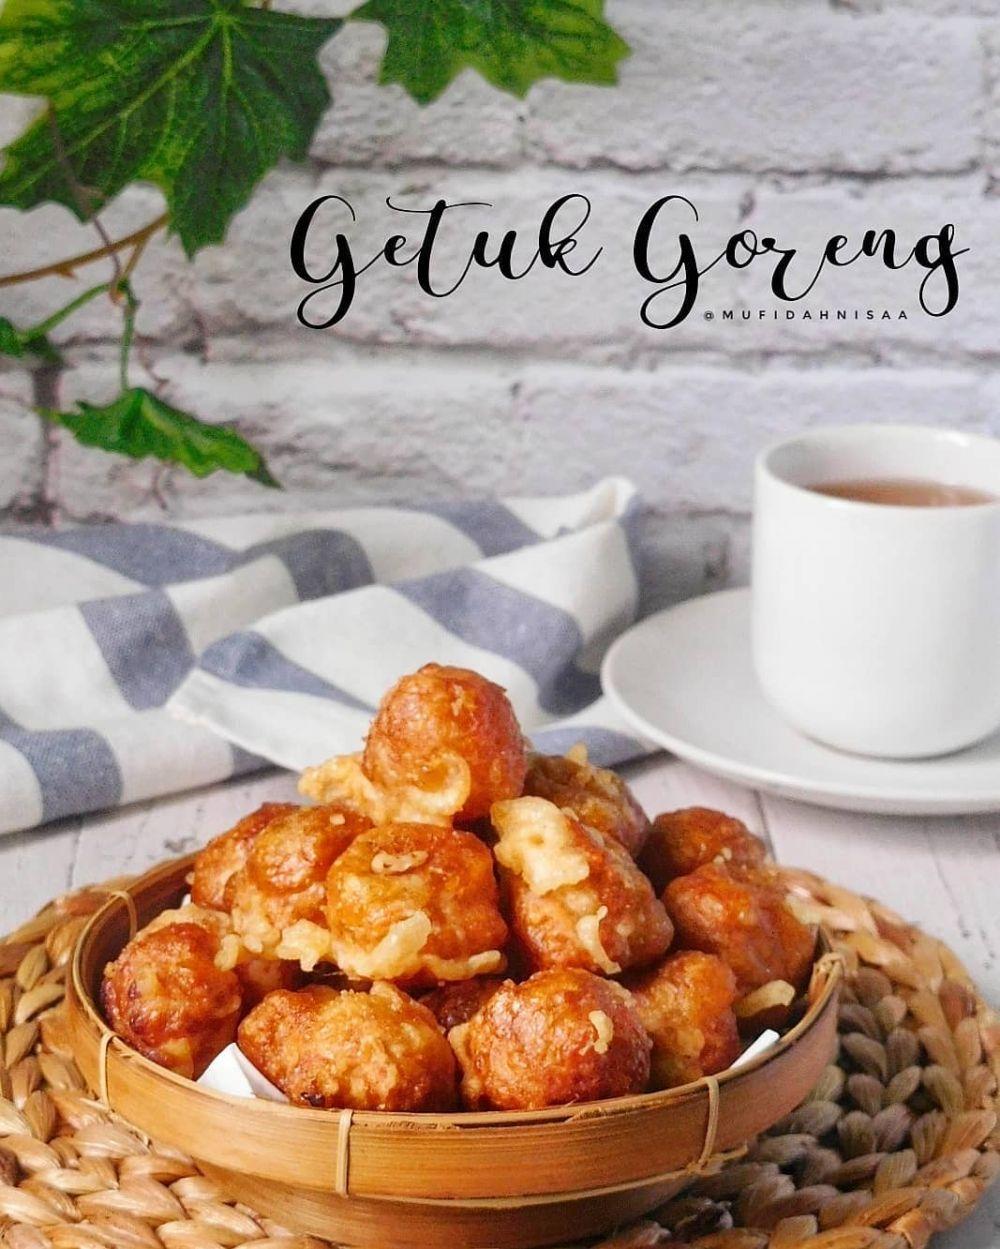 15 Resep makanan khas Jawa Tengah terkenal, enak, dan mudah instagram